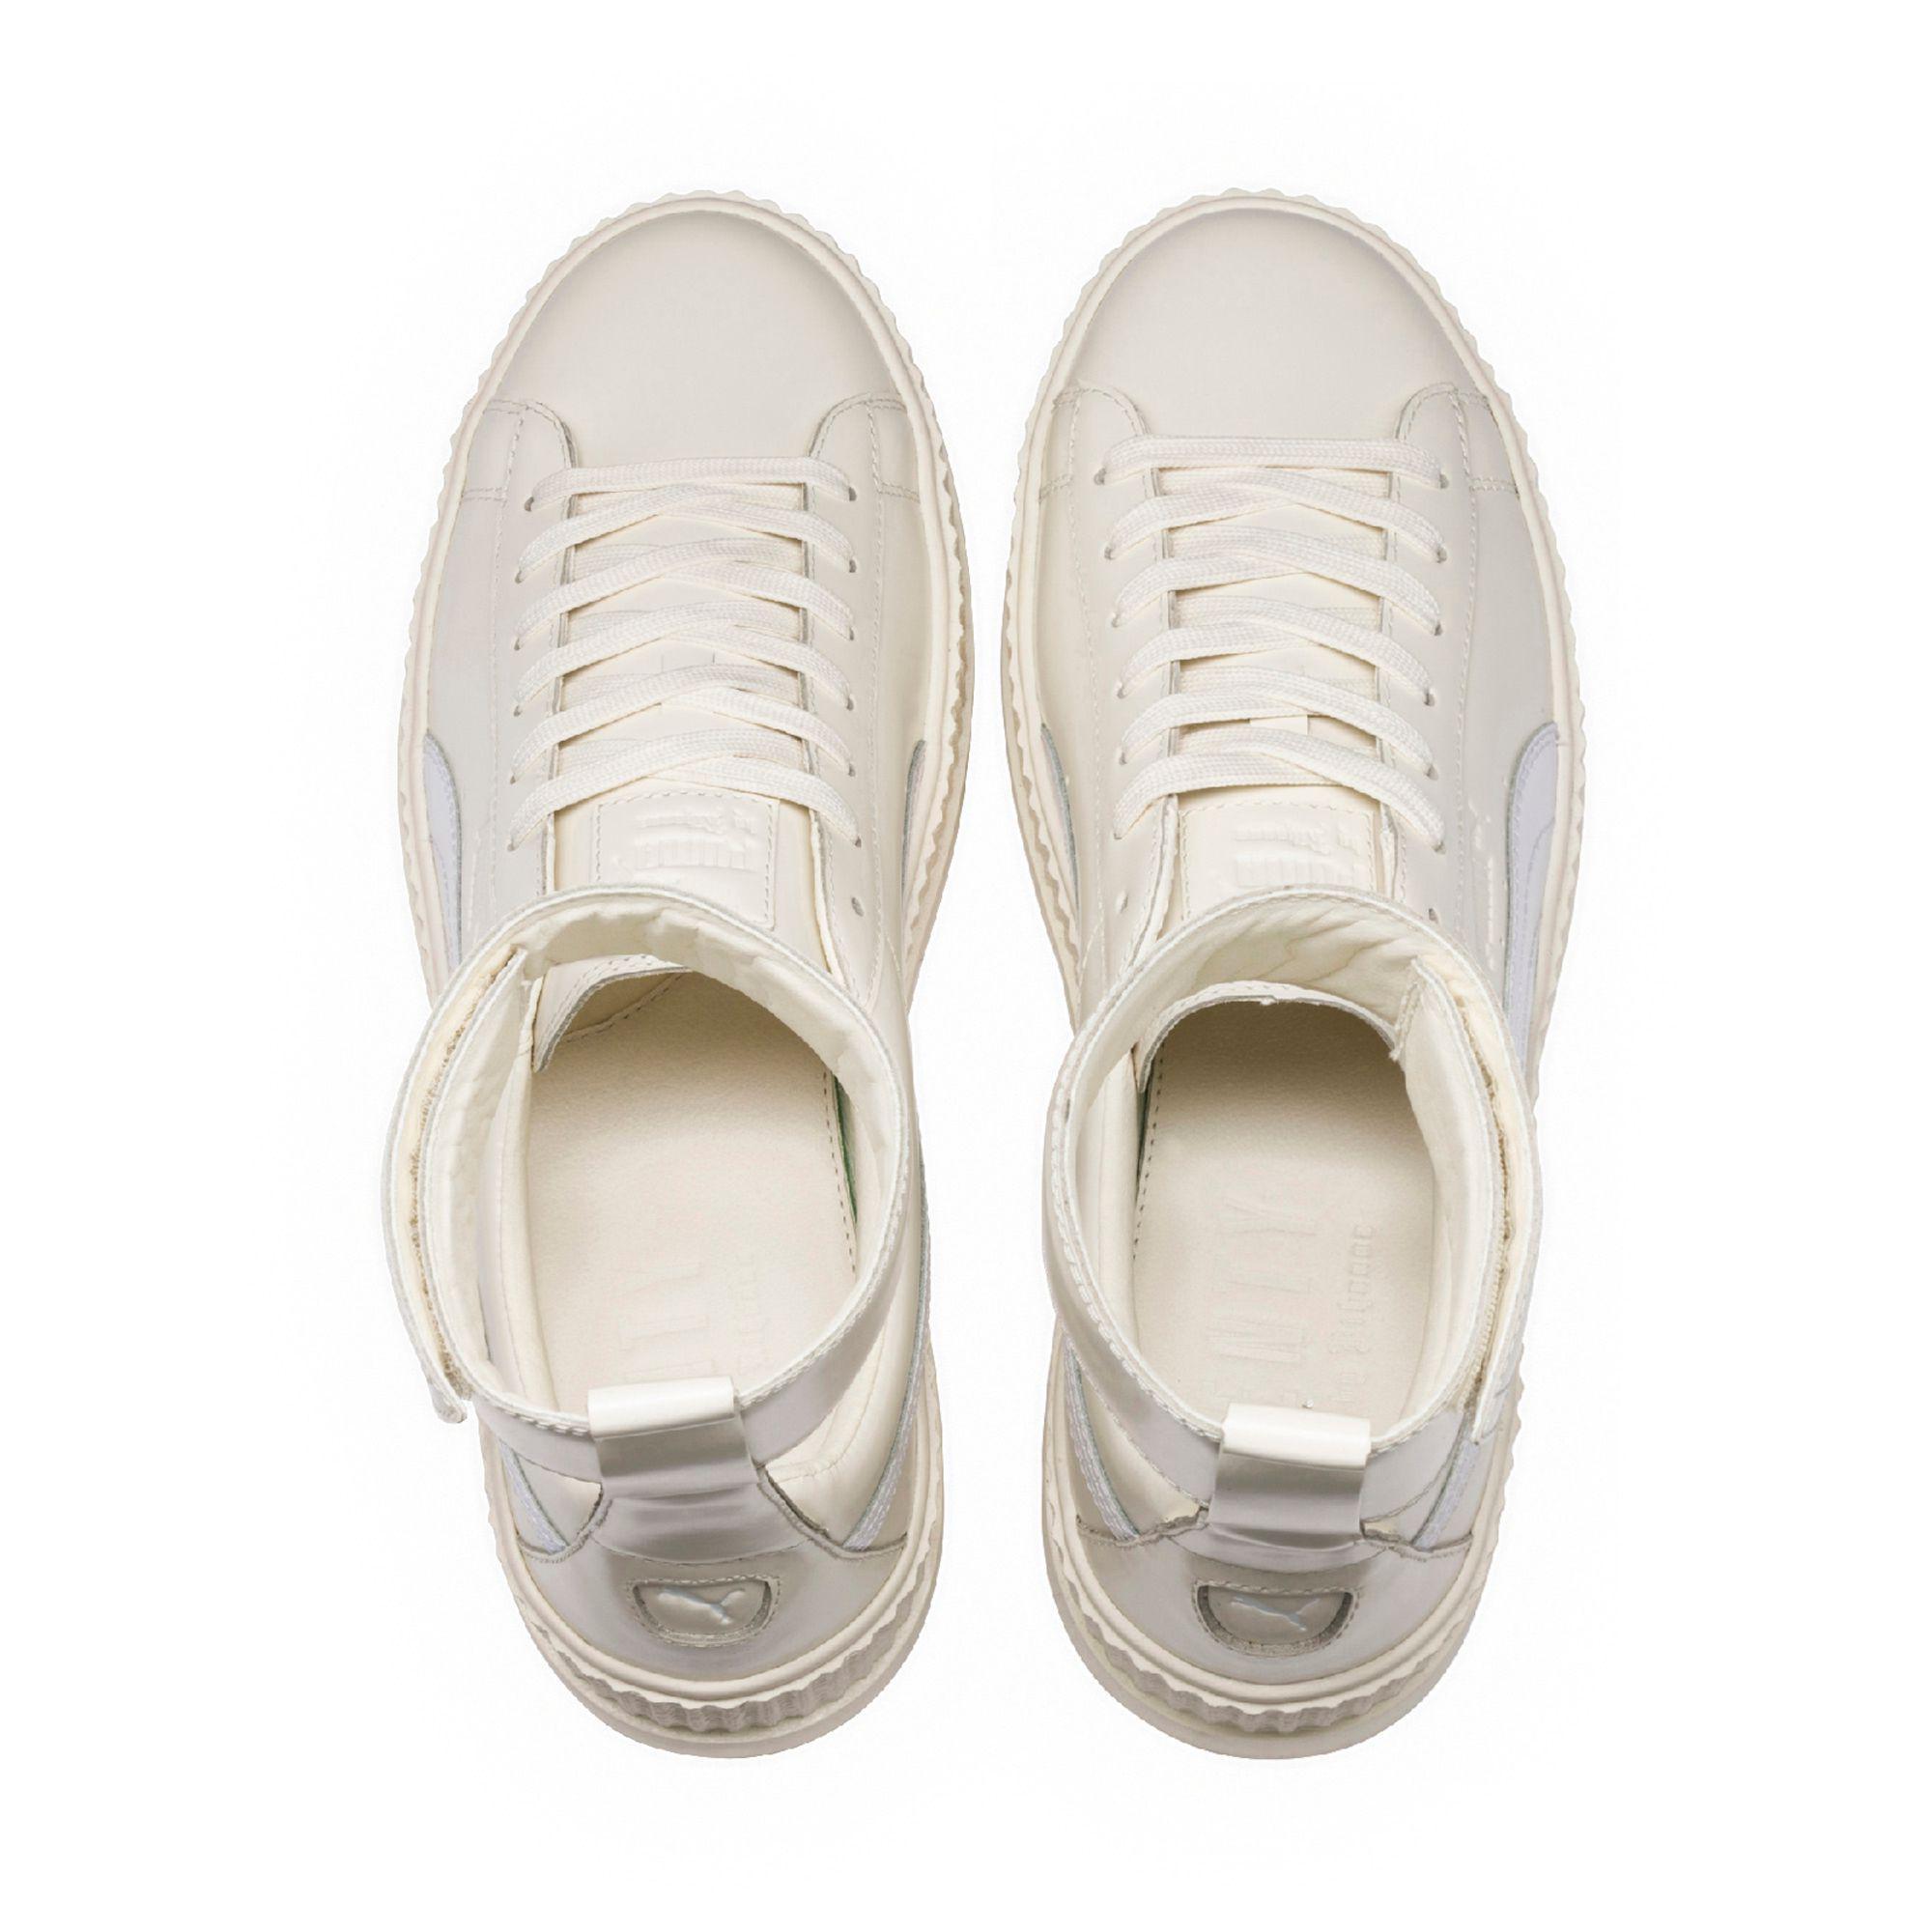 buy popular e9e91 31f53 White Fenty Men's Ankle Strap Sneaker